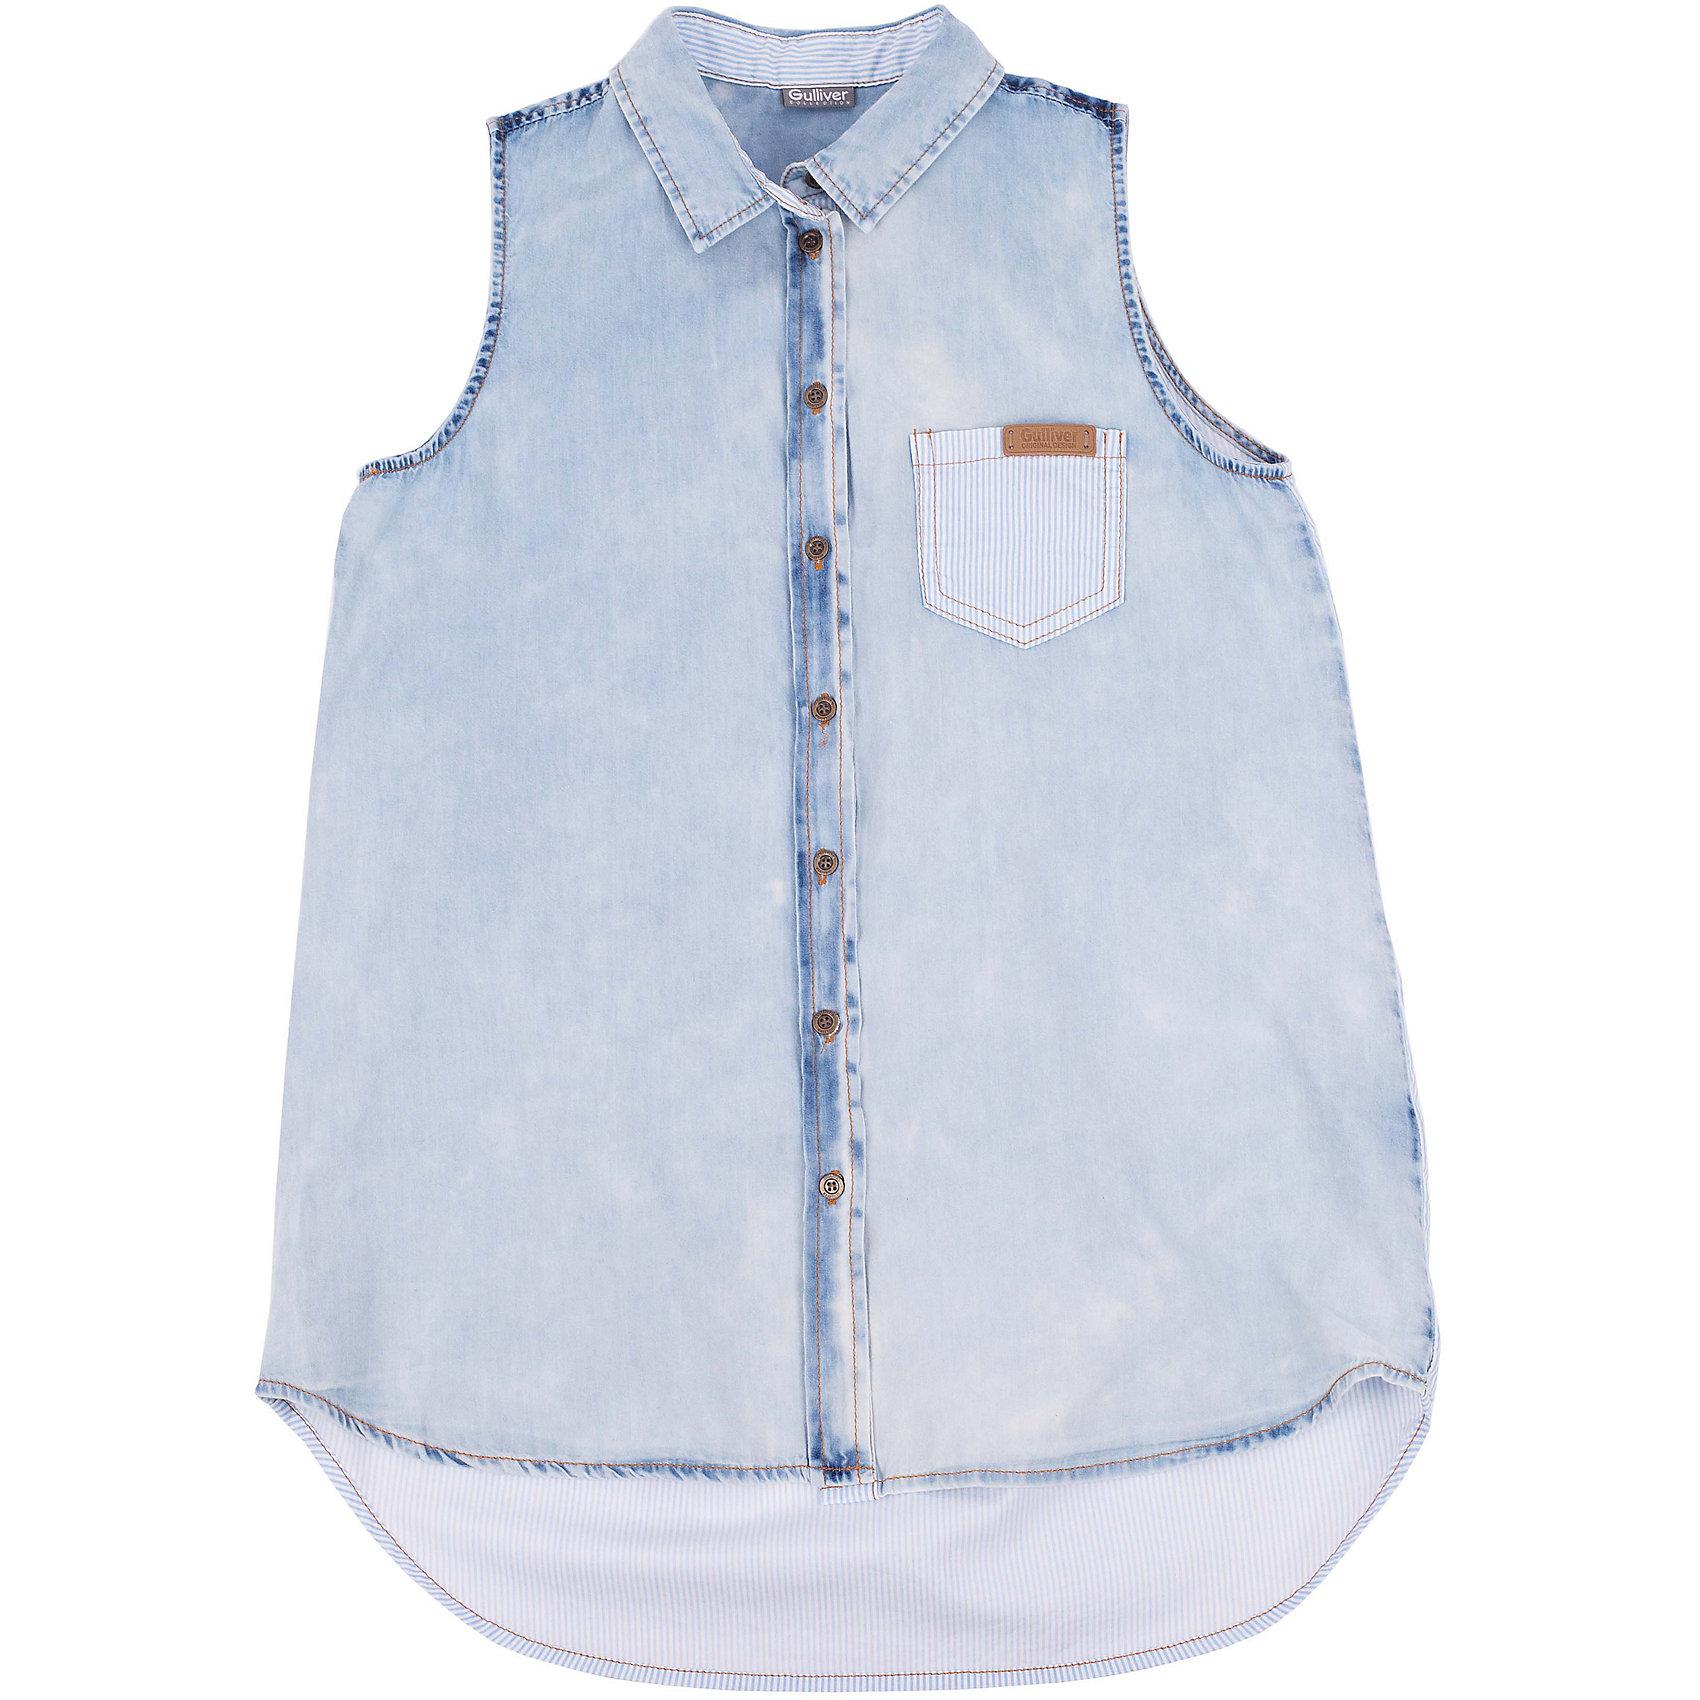 Блузка для девочки GulliverУдлиненная блузка без рукавов - хит коллекции Весна/Лето 2016! Модная свободная форма, удлиненная линия спинки, интересная комбинация денима и полосатого хлопка, а также классная варка изделия, создающая потертости и замины, делают блузку ярким акцентом повседневного образа. Стильная джинсовая блузка - идеальный вариант для тех, кто идет в ногу со временем, предпочитая навязчивому гламуру легкость и комфорт элегантного стиля casual.<br>Состав:<br>100% хлопок<br><br>Ширина мм: 186<br>Глубина мм: 87<br>Высота мм: 198<br>Вес г: 197<br>Цвет: голубой<br>Возраст от месяцев: 120<br>Возраст до месяцев: 132<br>Пол: Женский<br>Возраст: Детский<br>Размер: 146,152,164,158<br>SKU: 4535018